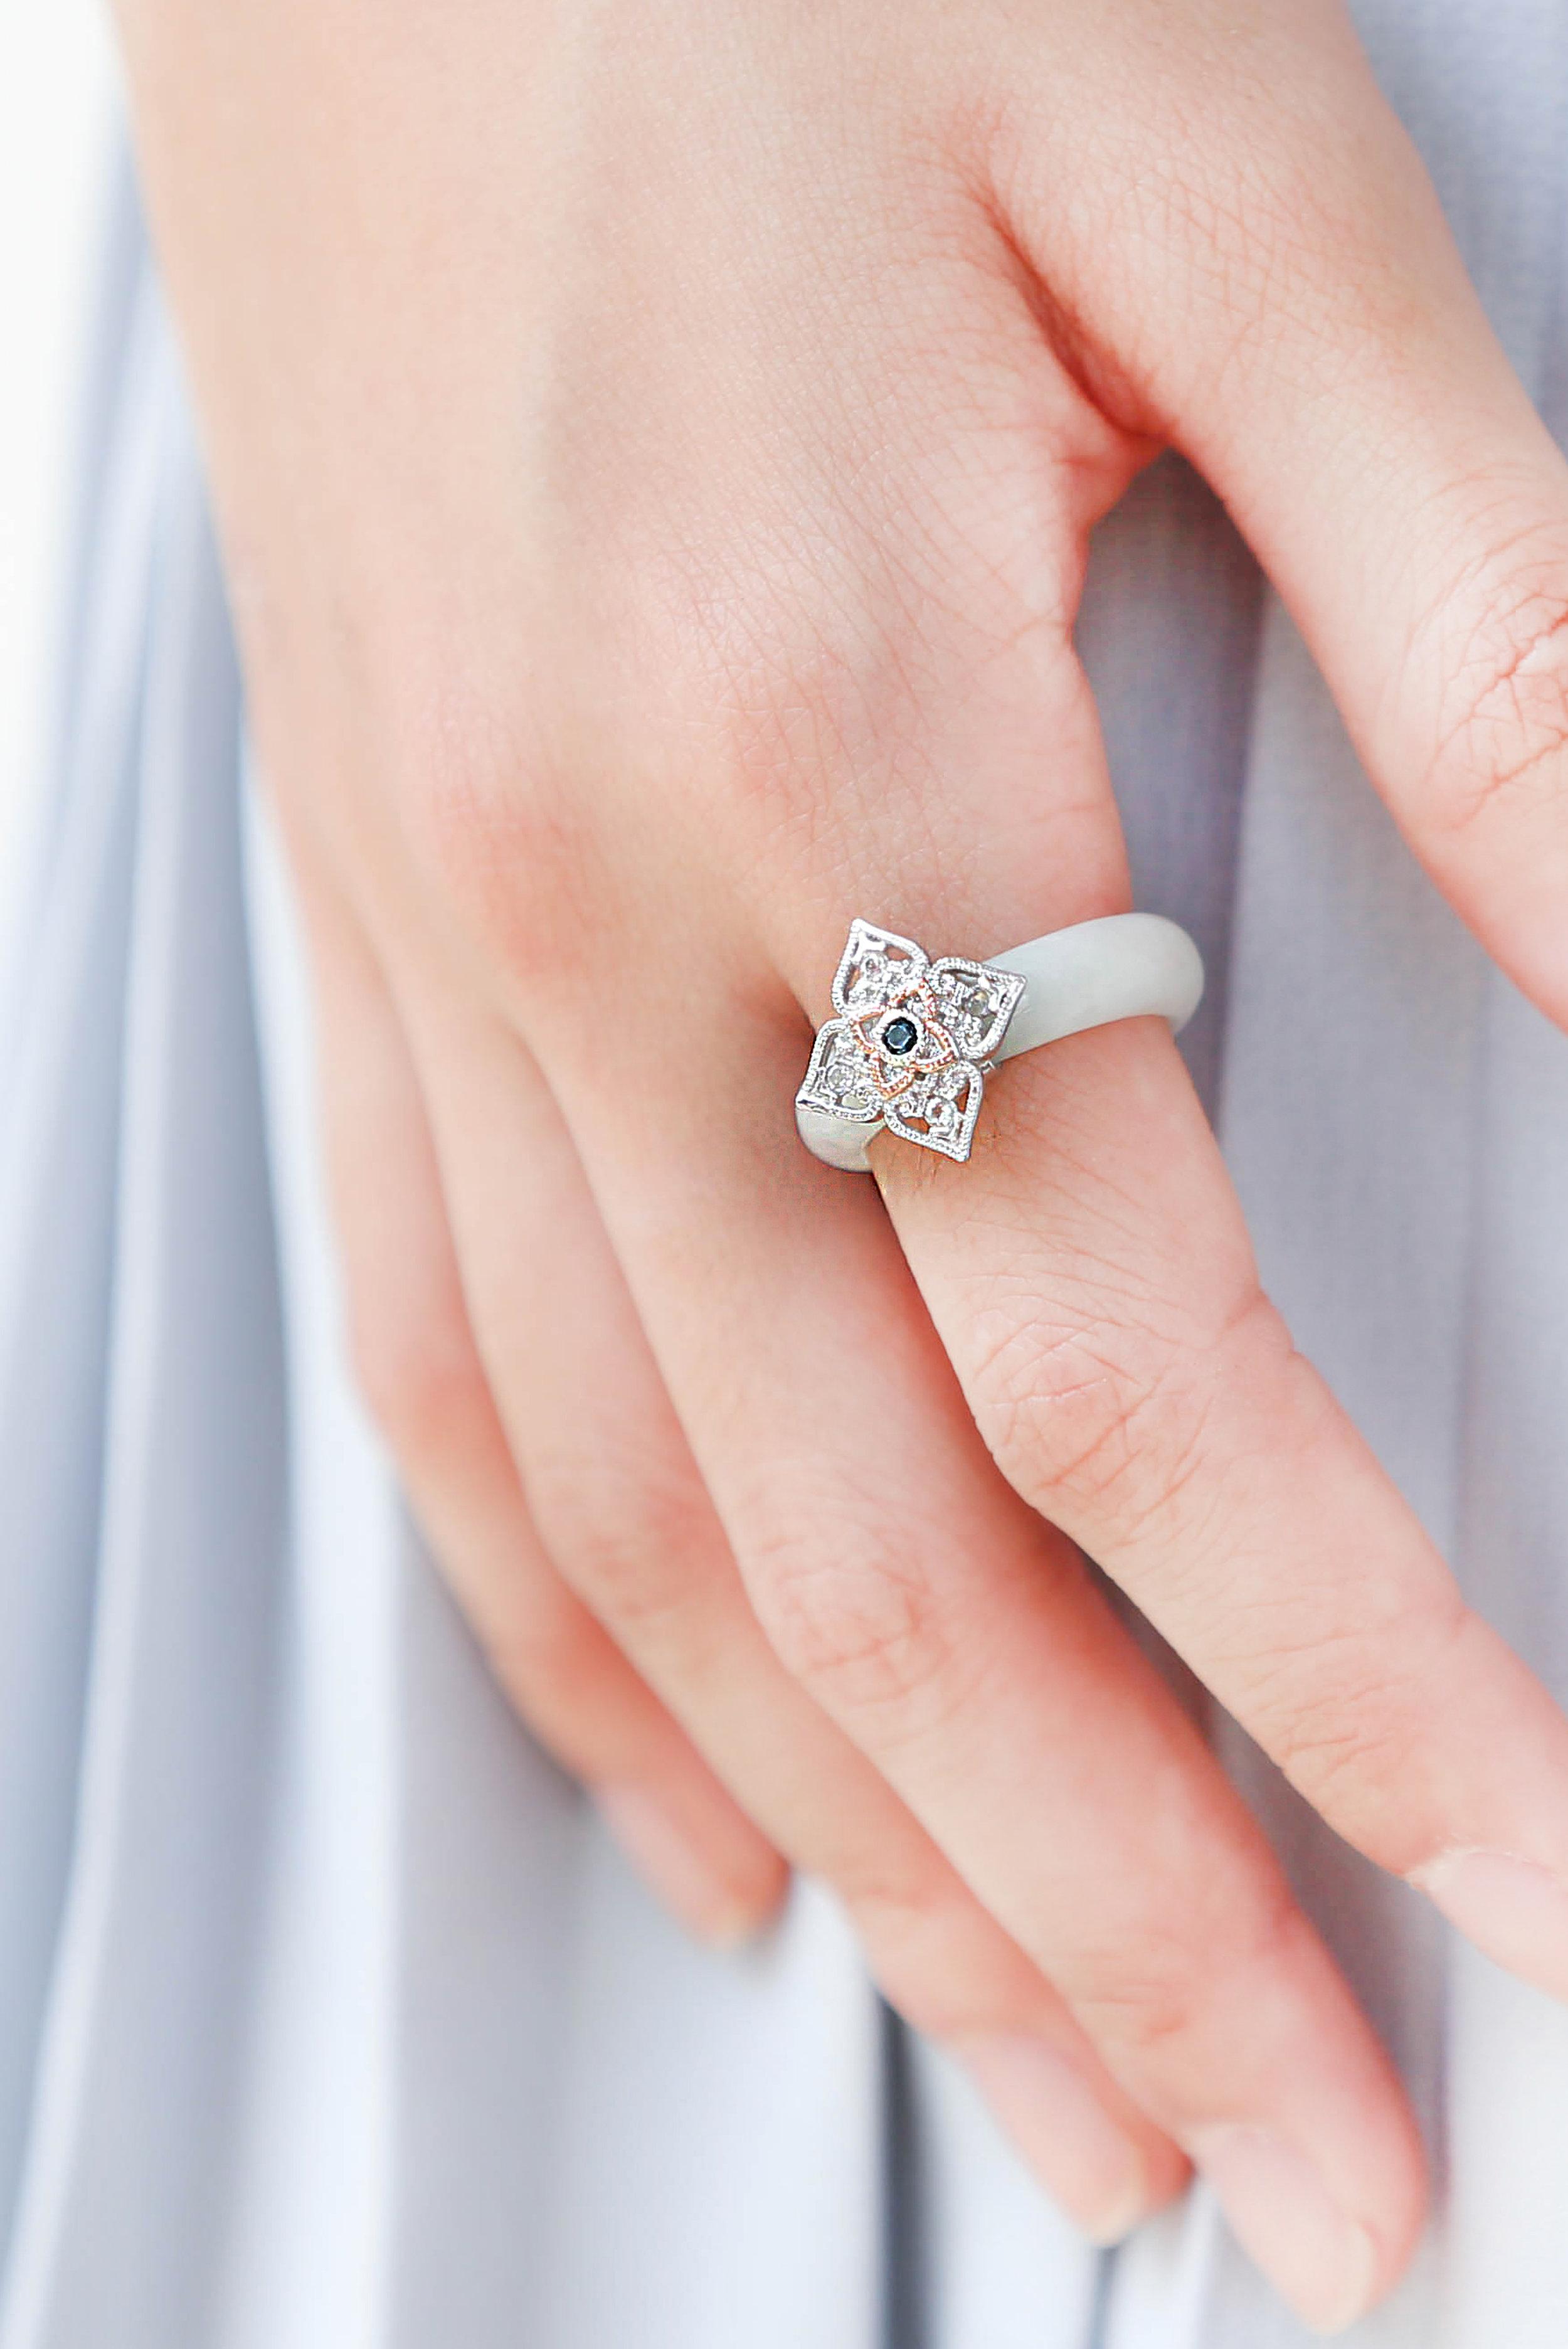 Choo Yilin Peranakan Lace Ring